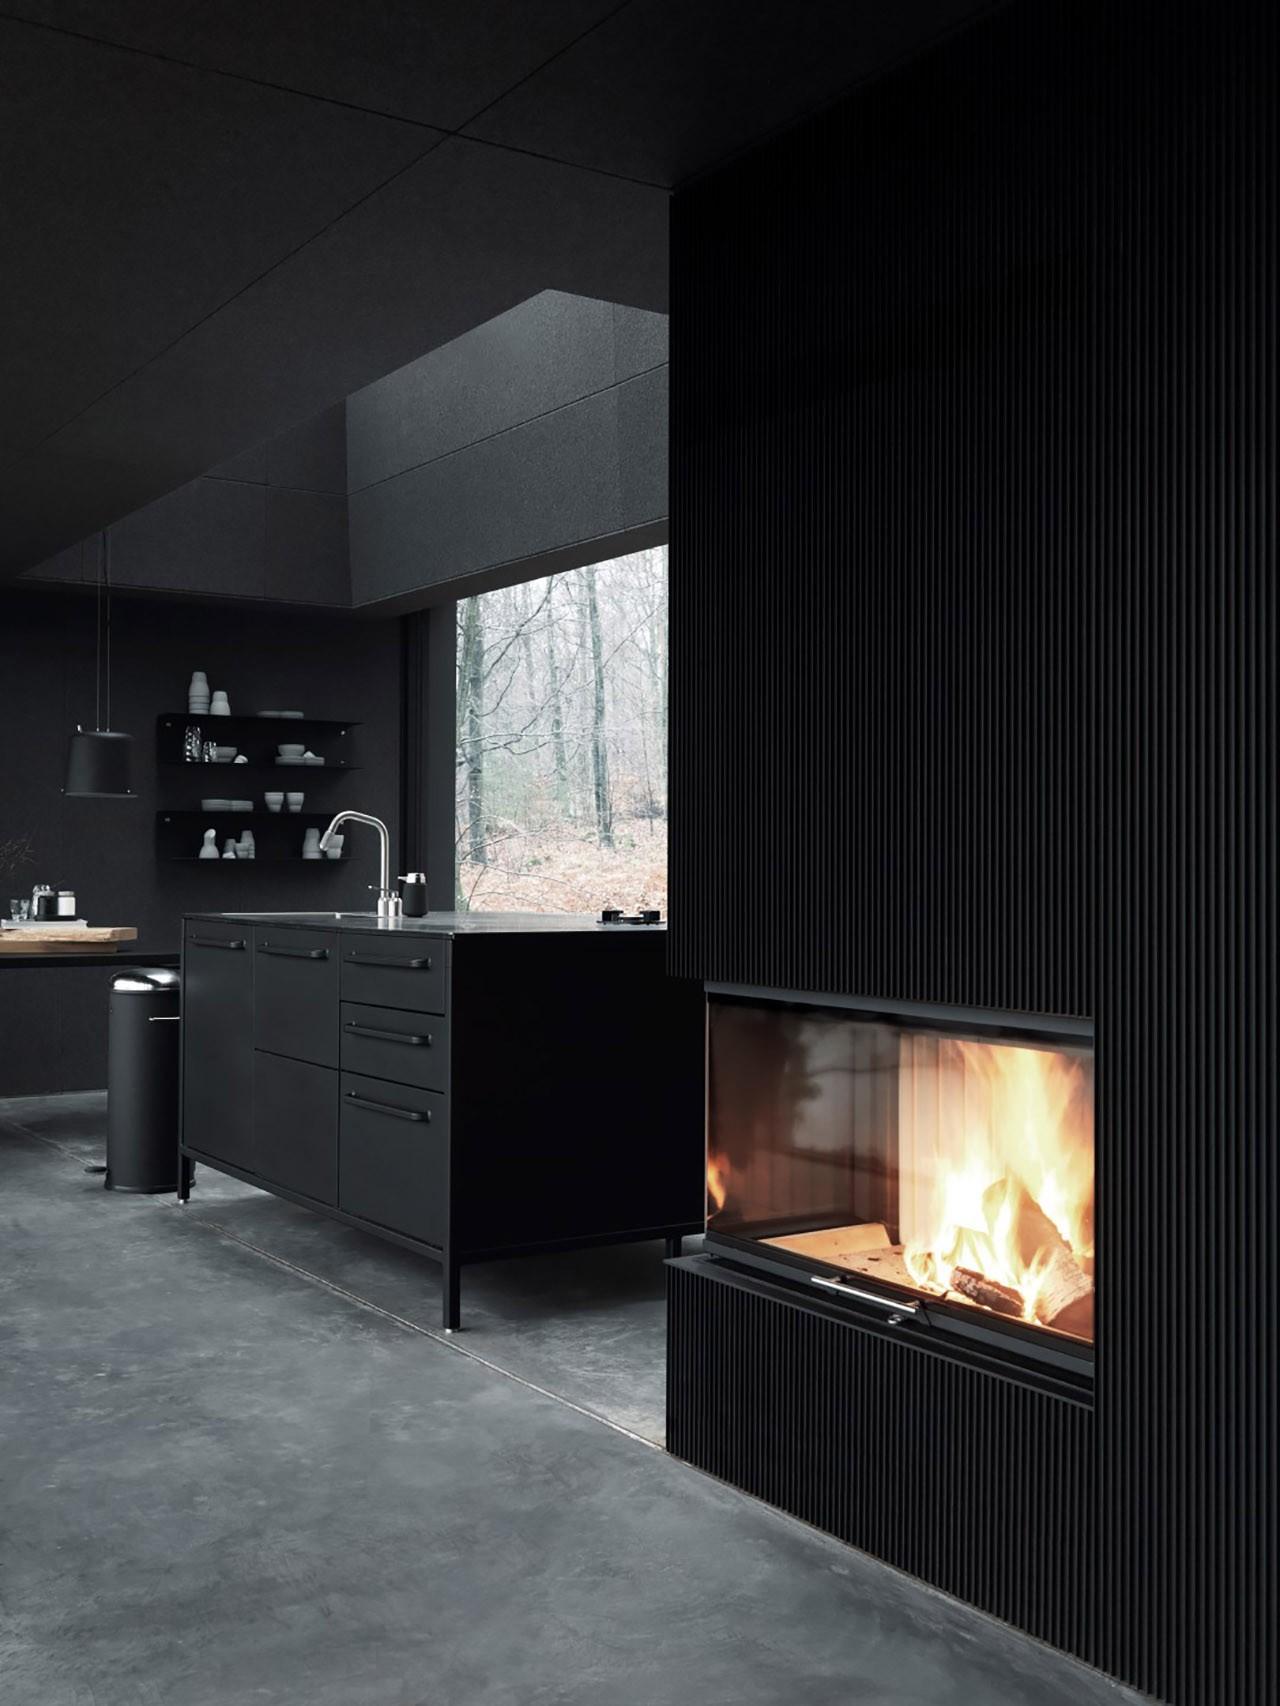 xvipp-shelter-fireplace-0jpgpagespeedickvk1vcfjj2.jpg